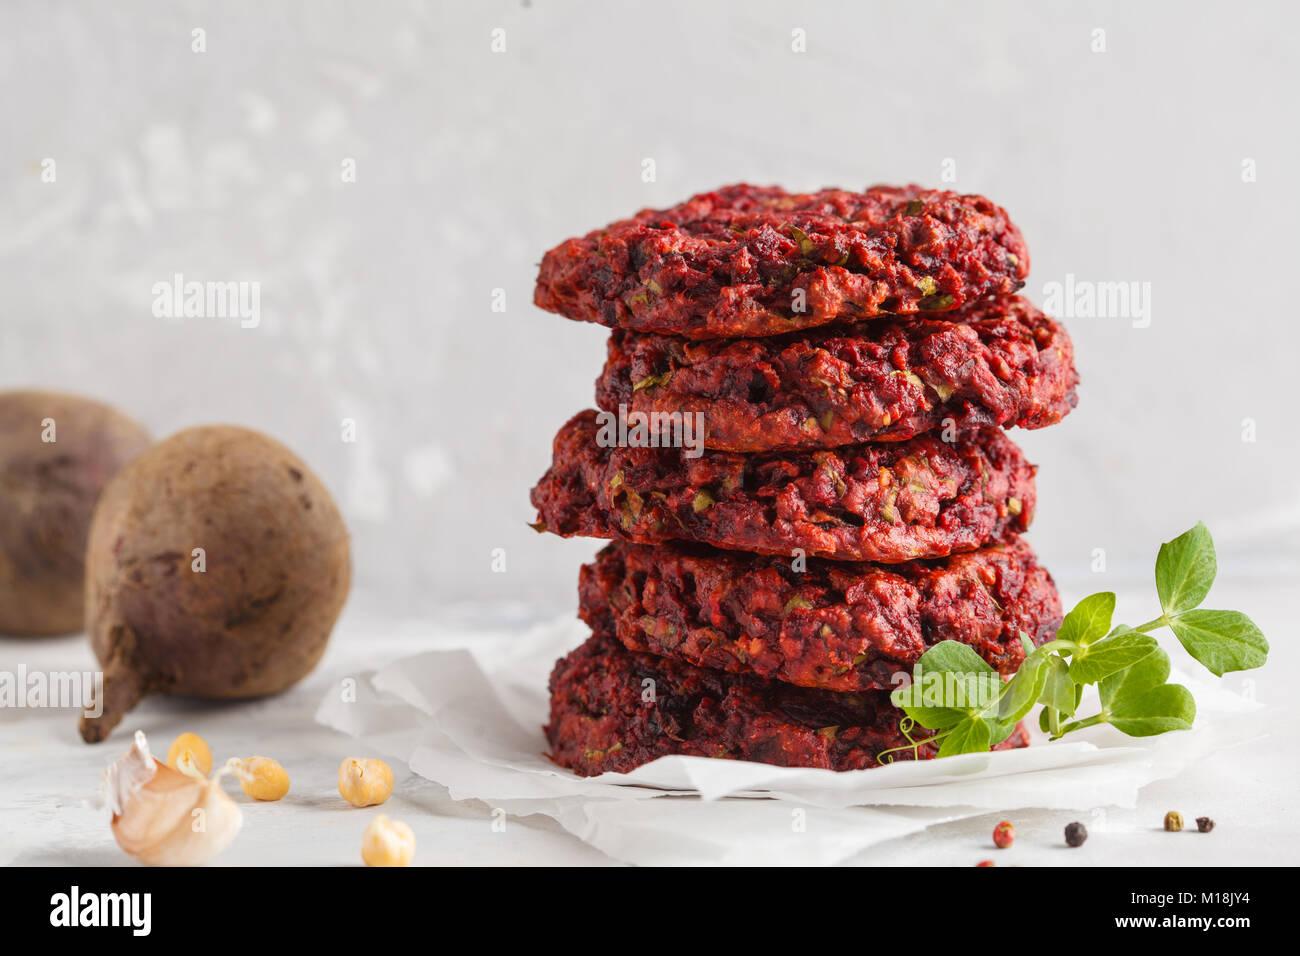 Remolacha hamburguesas vegetarianas con garbanzos y hierbas. Concepto de comida vegetariana saludable. Imagen De Stock